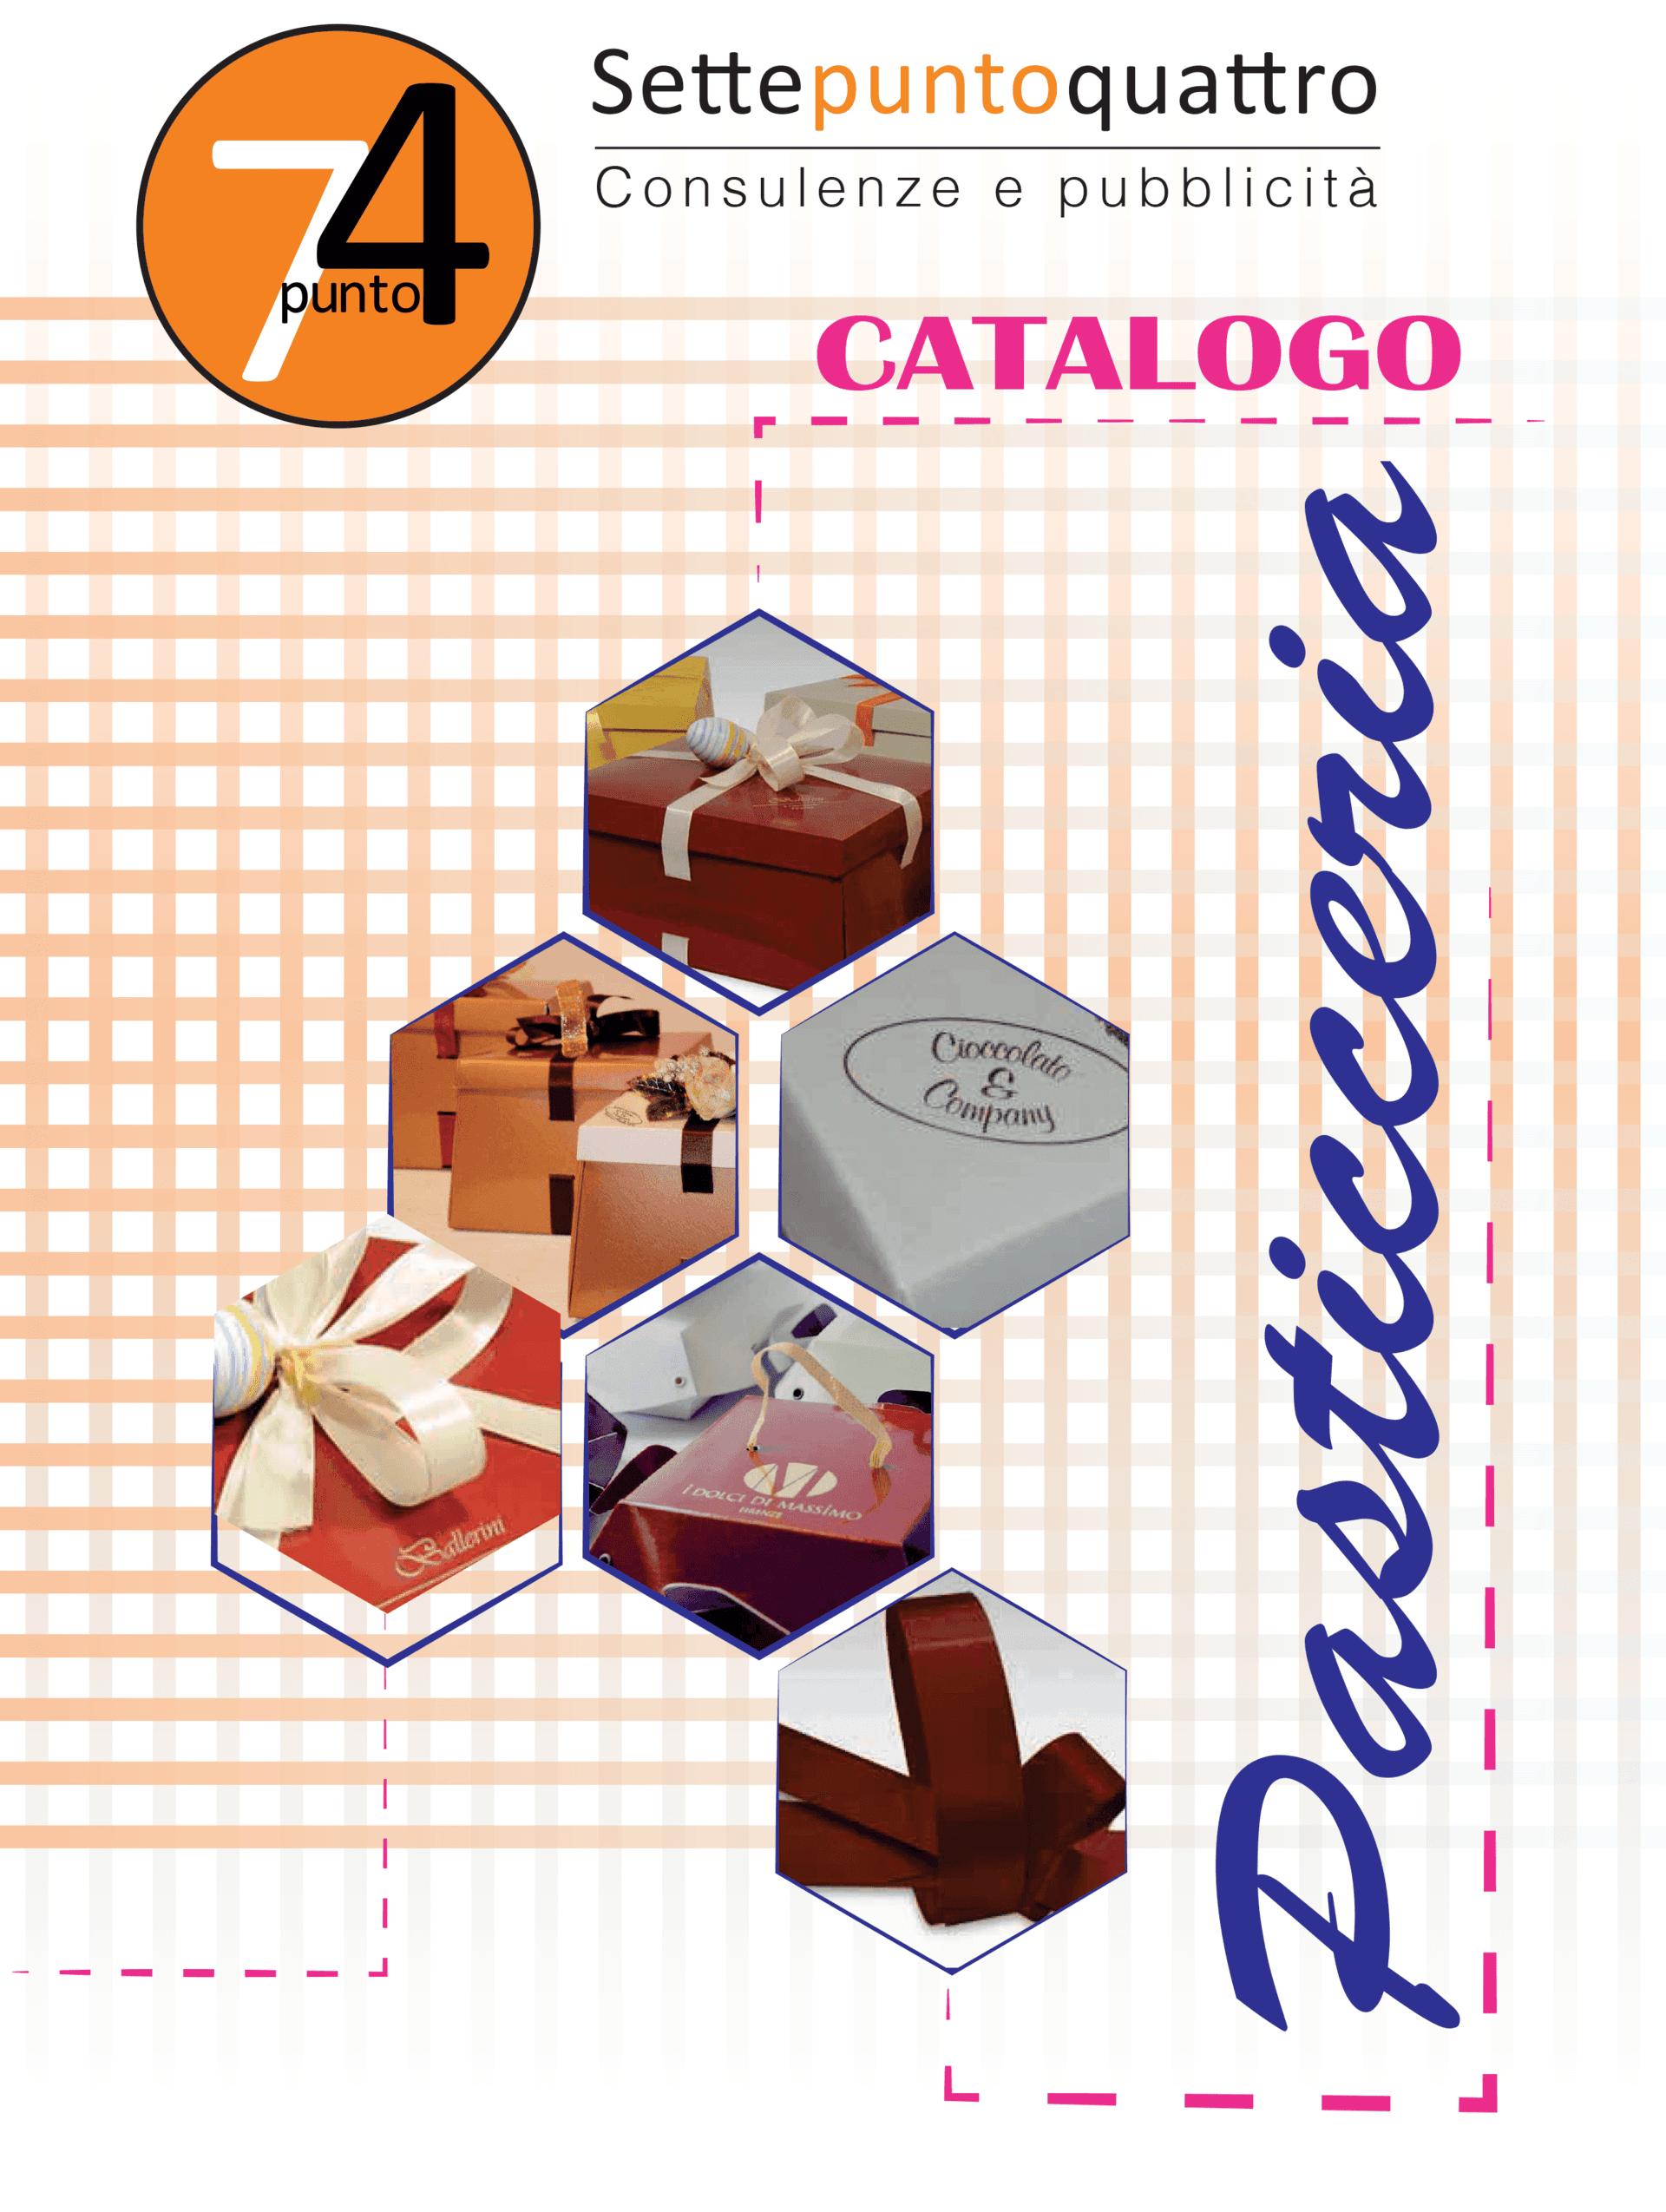 Catalogo Settepuntoquattro